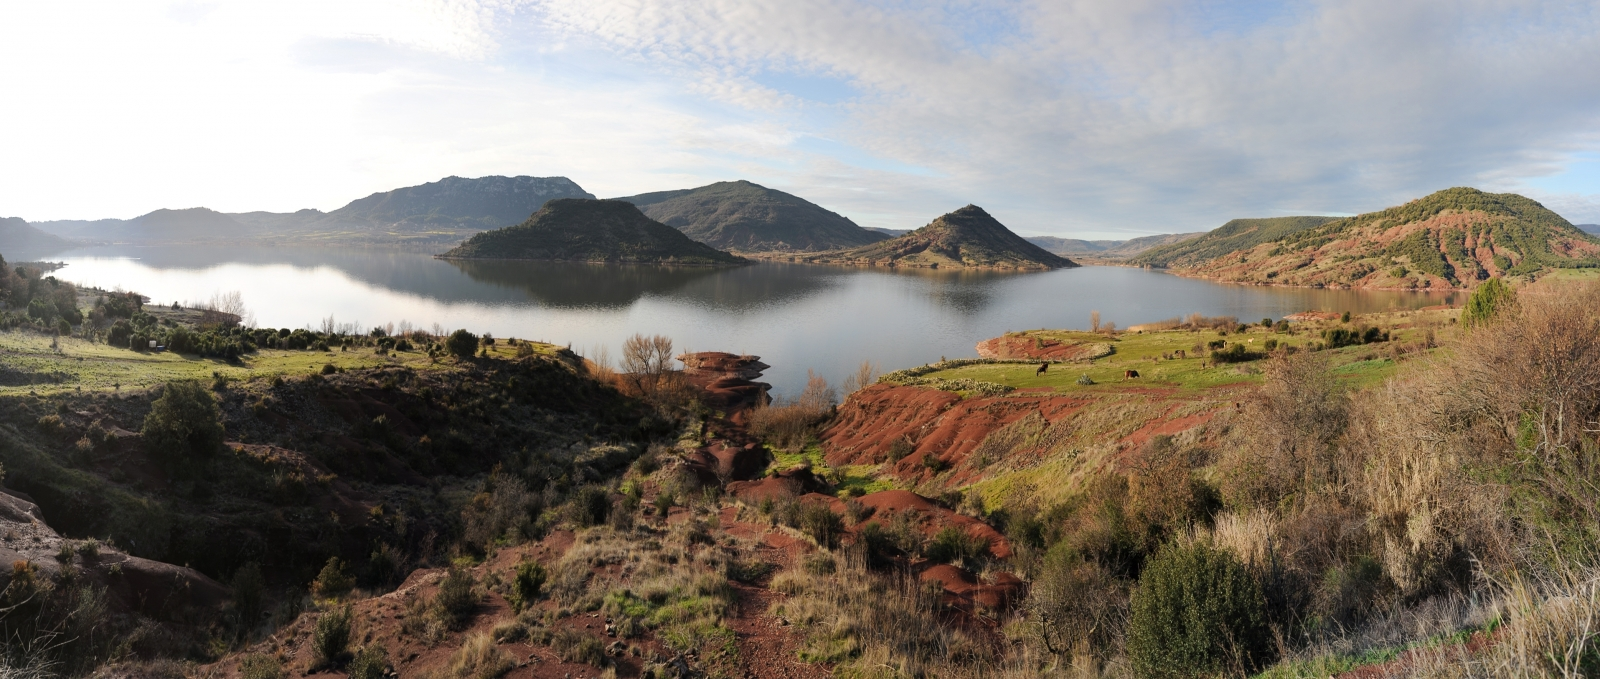 Das Salagou-Tal